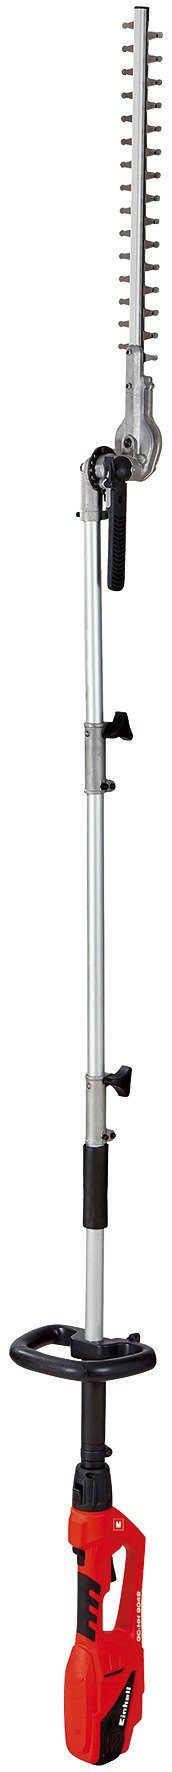 EINHELL Elektro-Heckenschere »GC-HH 9048«, 41 cm Schnittlänge